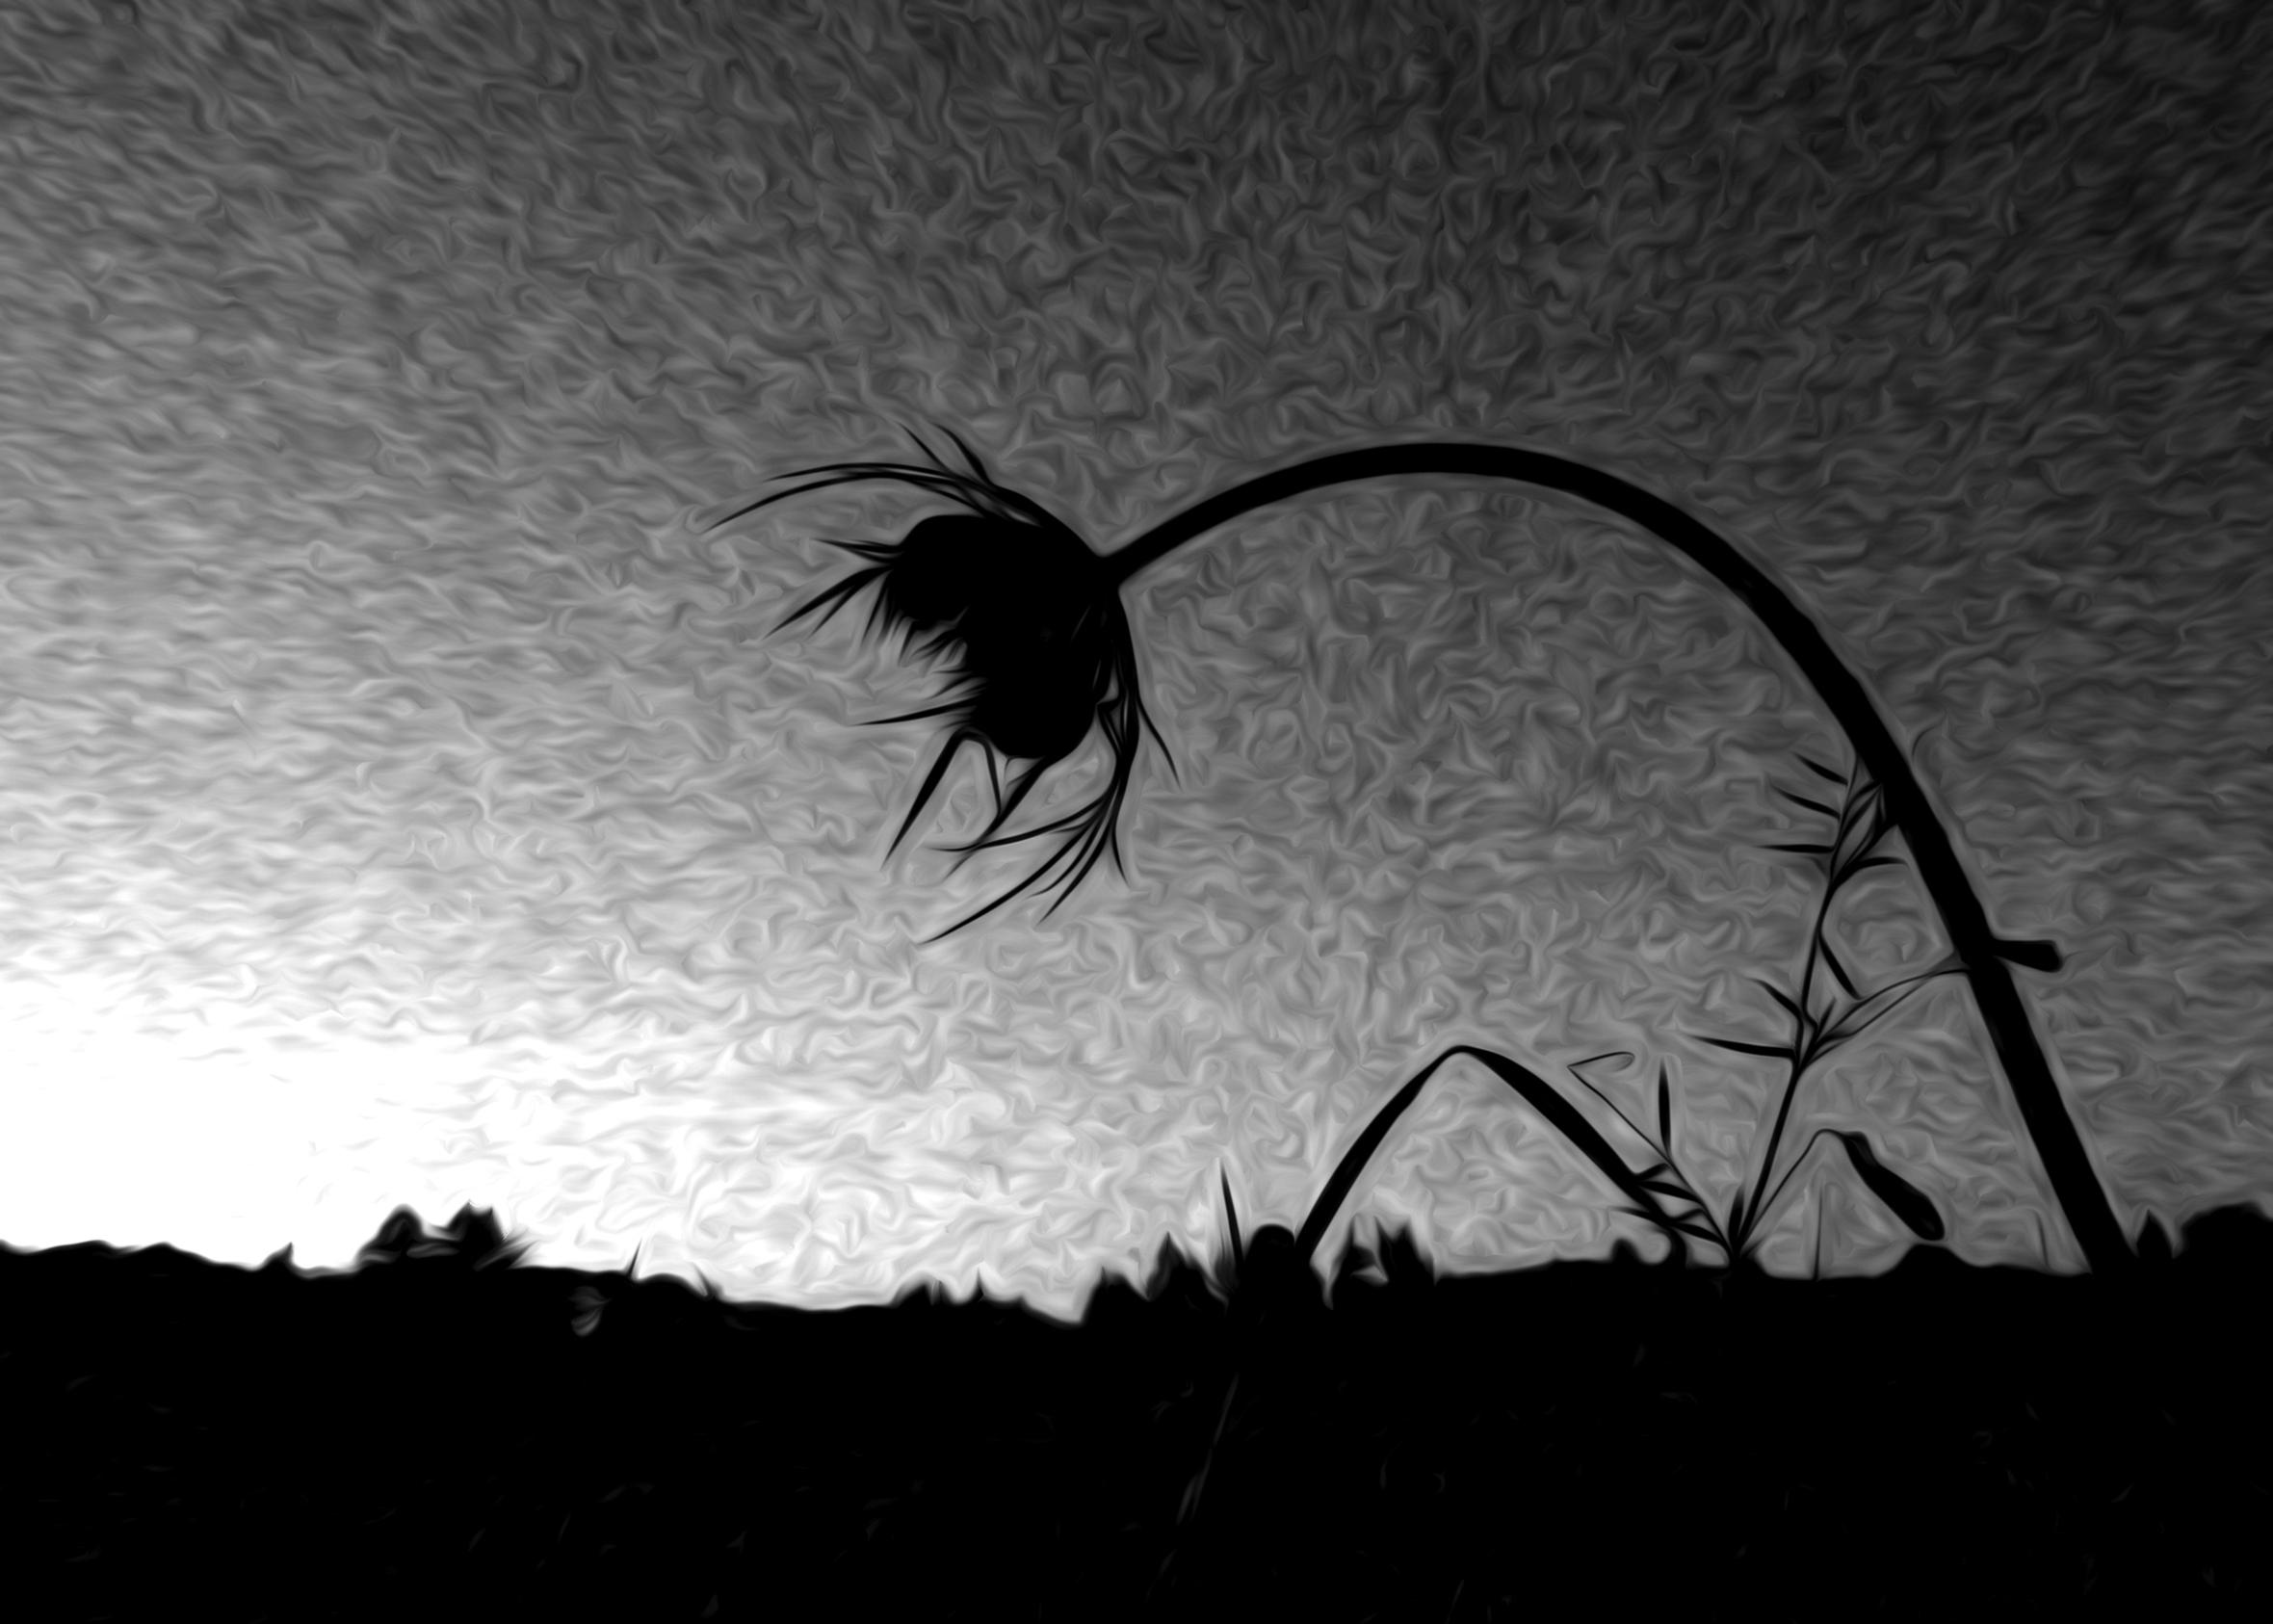 446 - Belknap - Thoreau